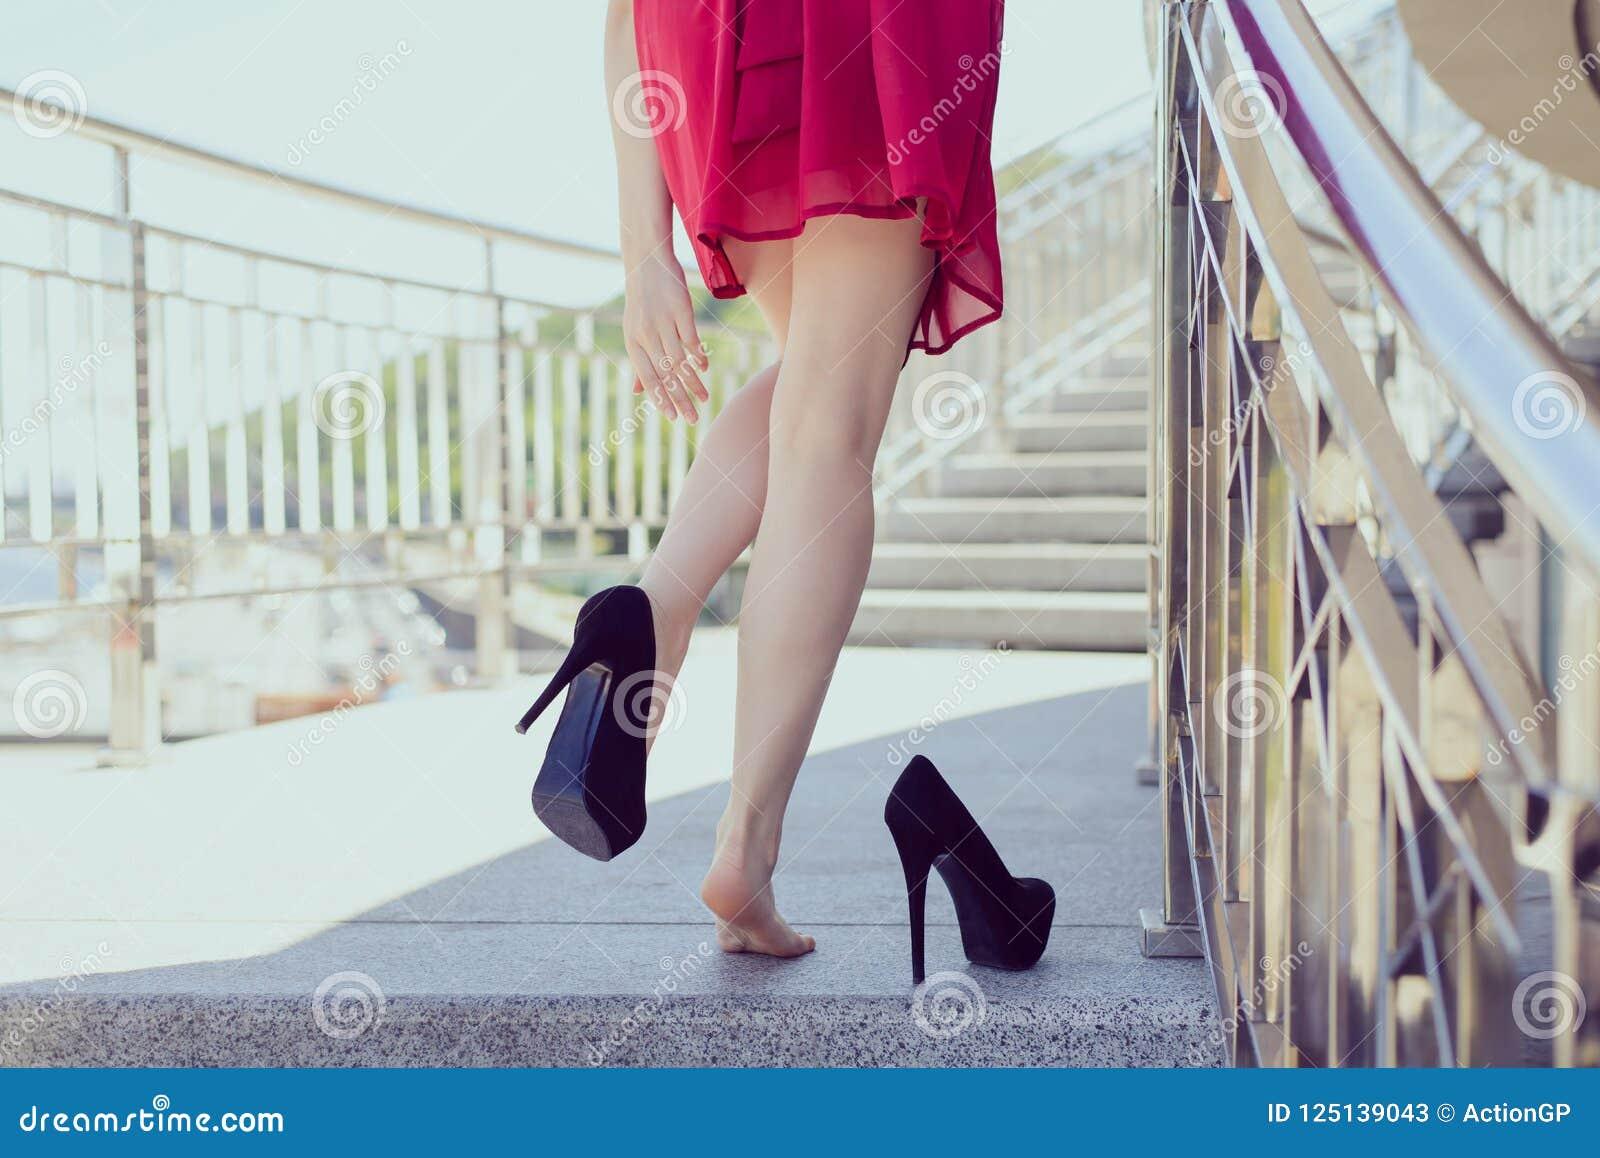 Wolność kodu ubioru ranku klasyczny z klasą wschód słońca po noc klubu masażu odzieży wyczerpywał dziewczyny pojęcie Czytający za